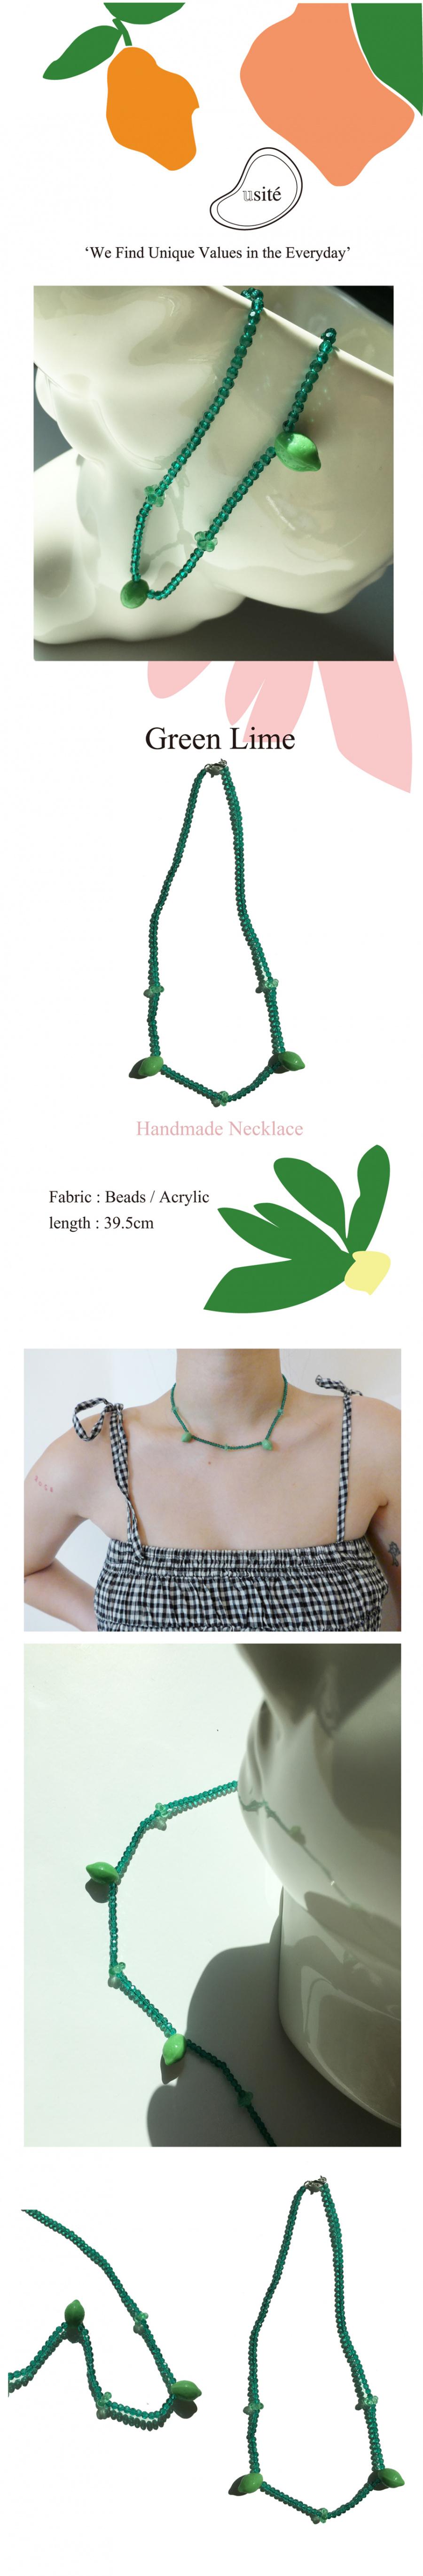 유지떼(USITE) Green Lime Necklace